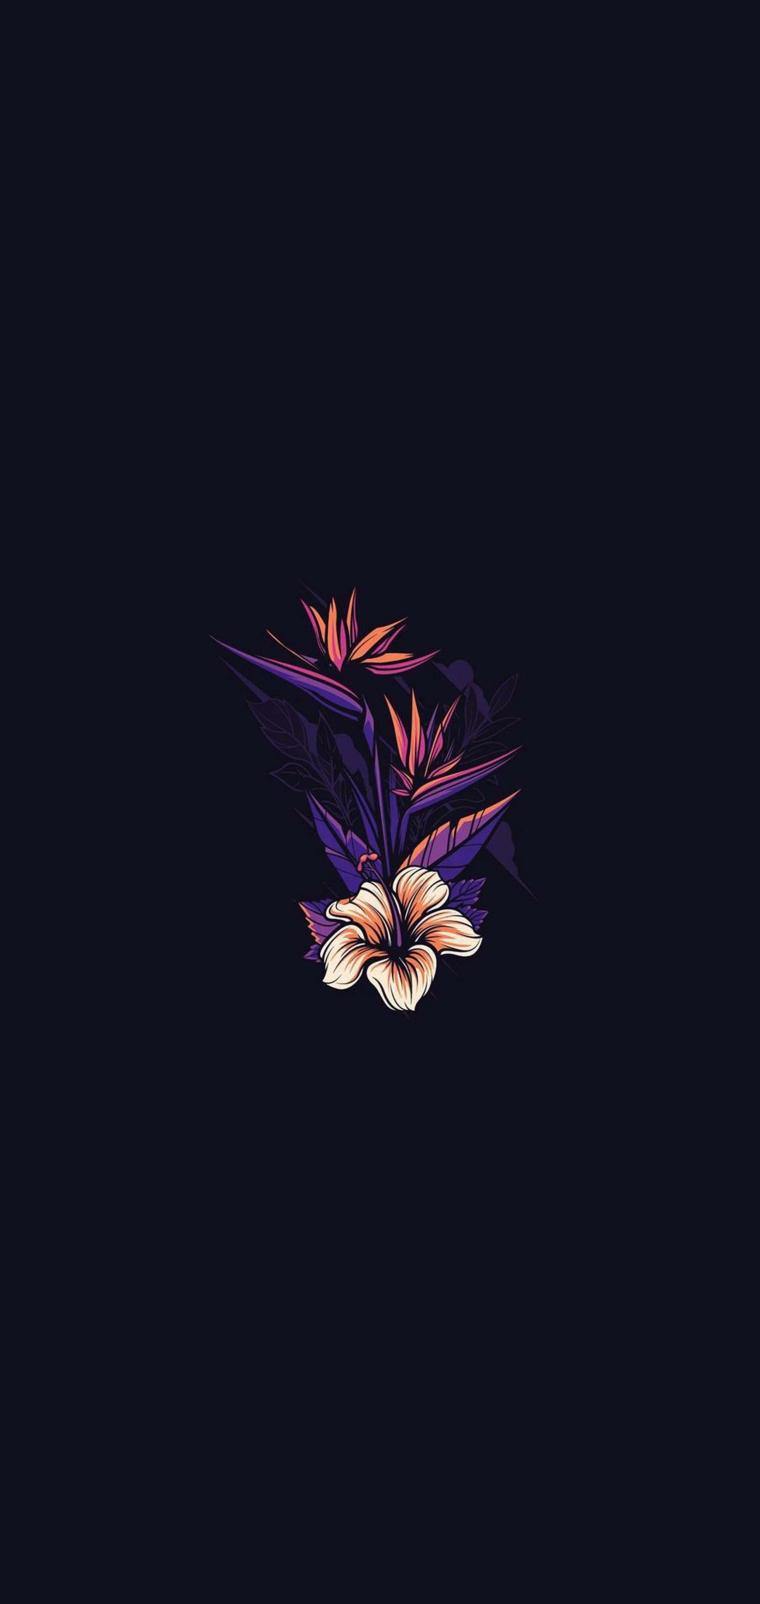 Gli sfondi più belli del mondo, immagine con sfondo scuro e disegno di fiori